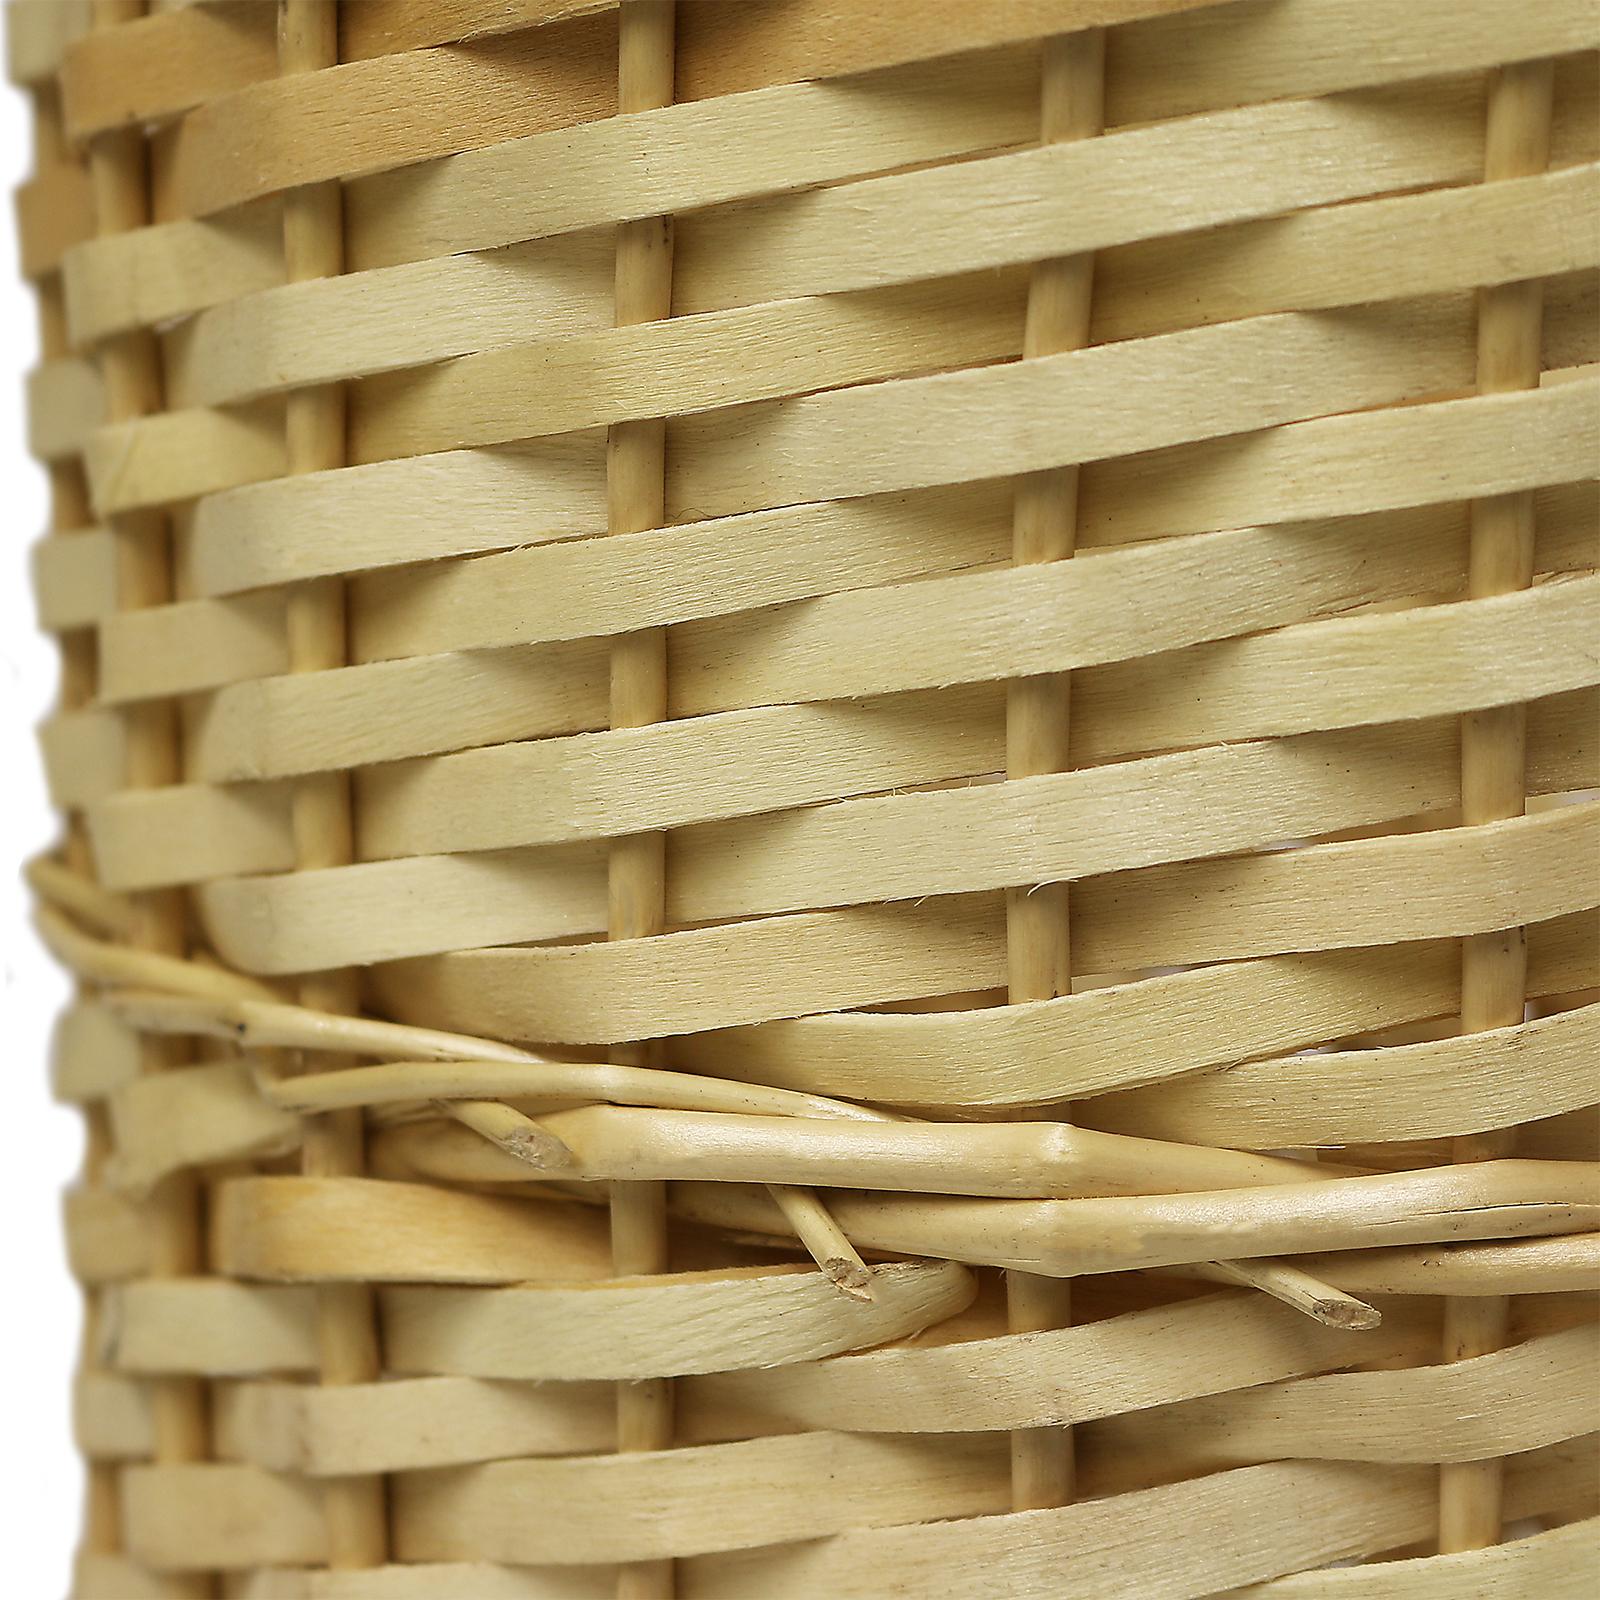 Hartleys Treppenkorb aus Weidengeflecht Stufenkorb mit Griff